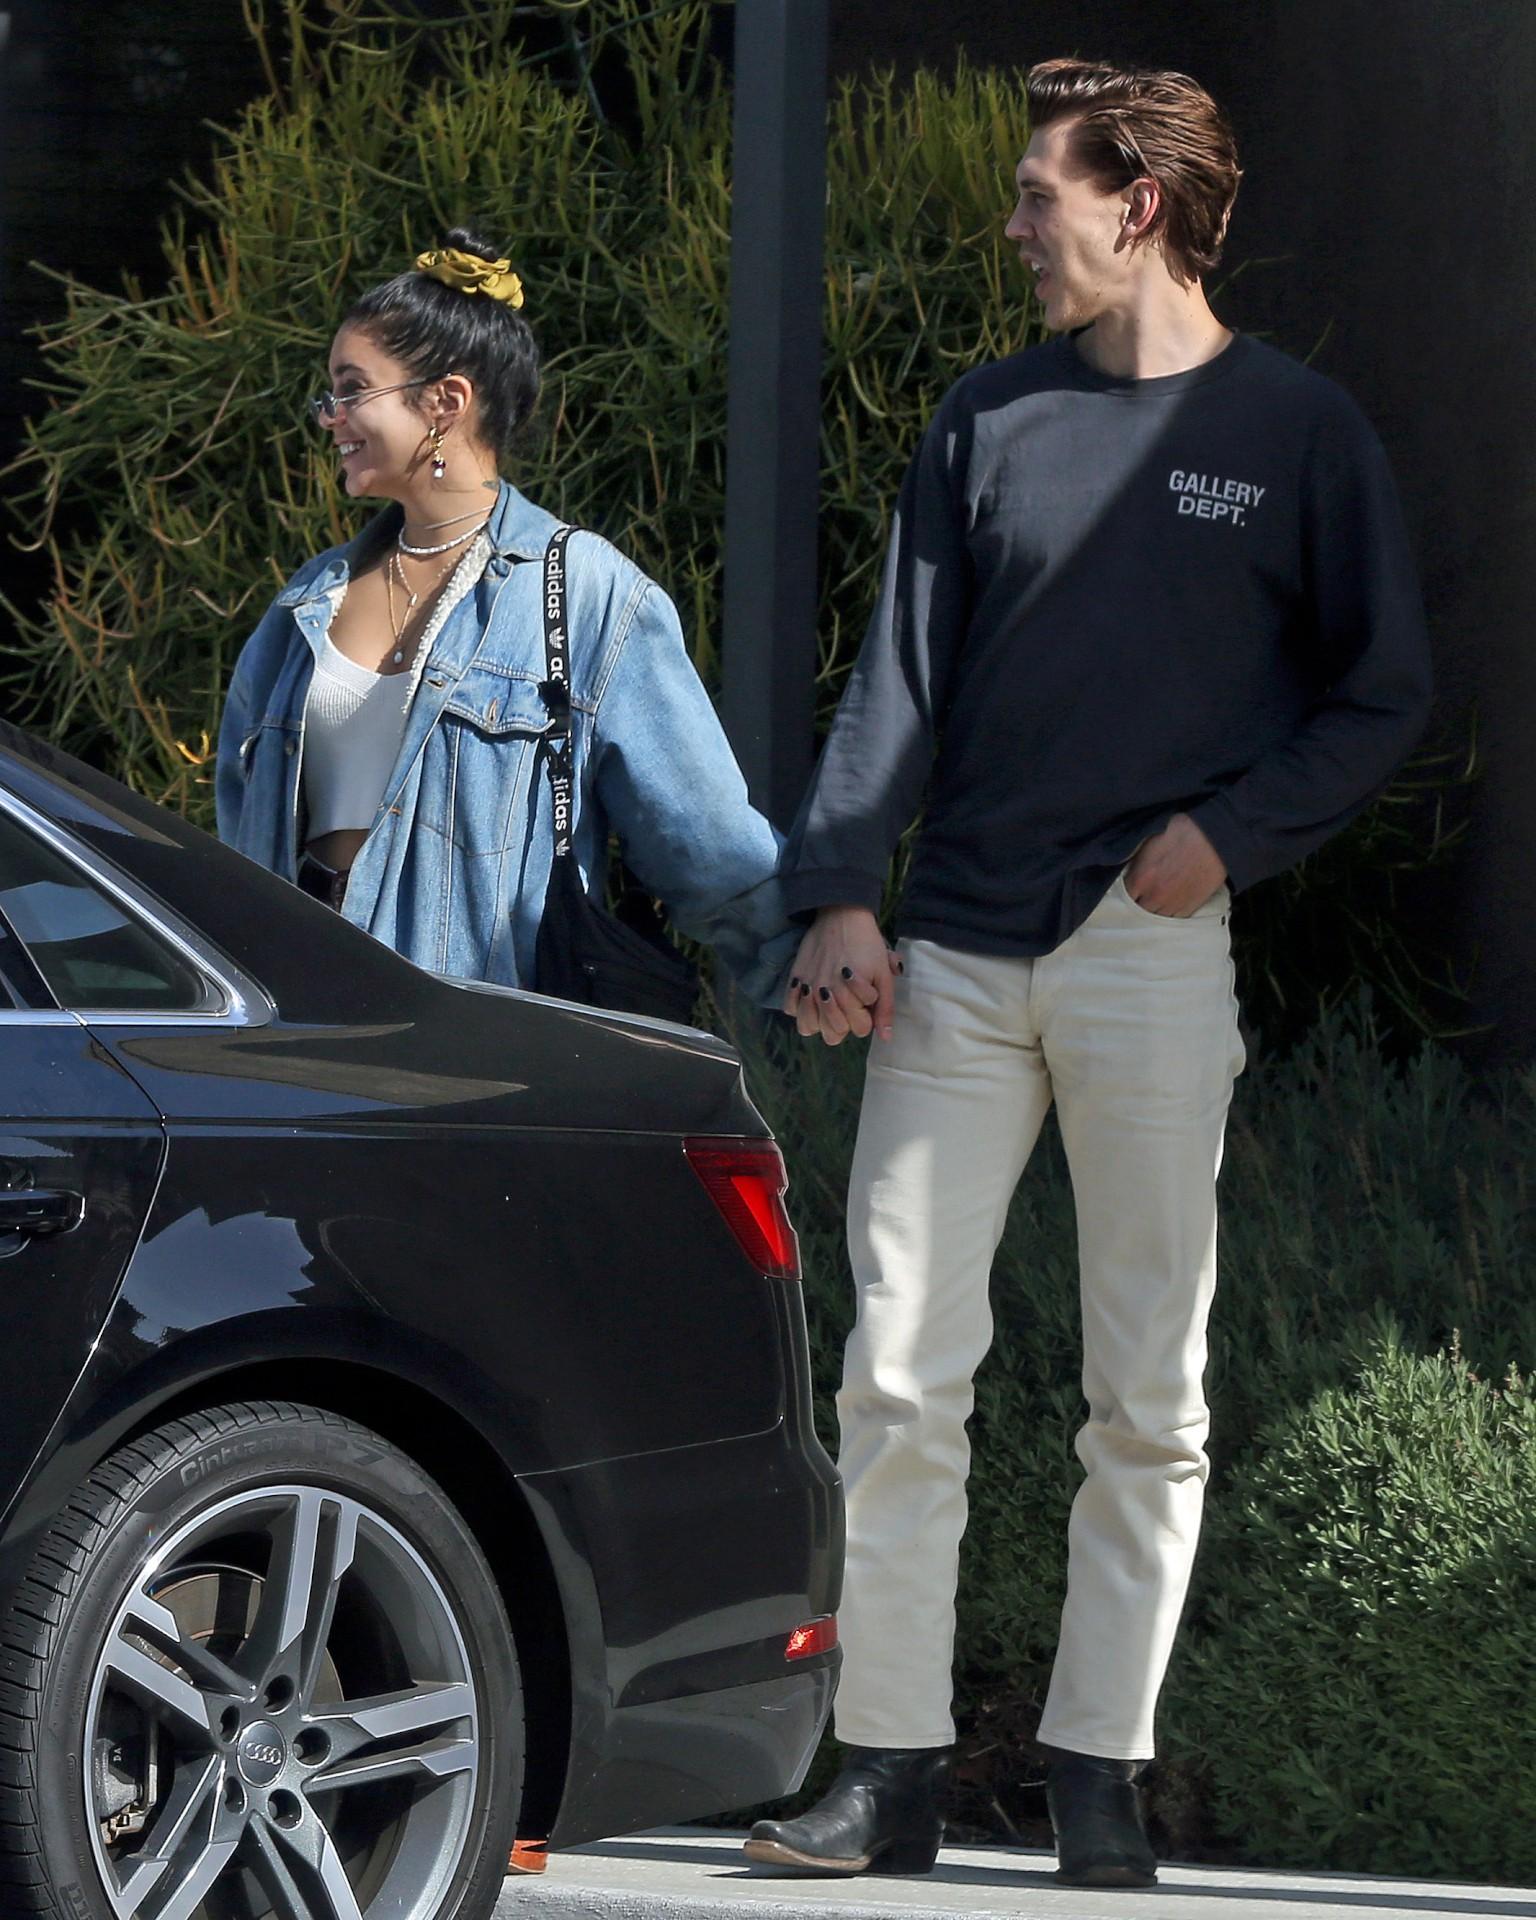 Vanessa Hudgens Beautiful In Jeans